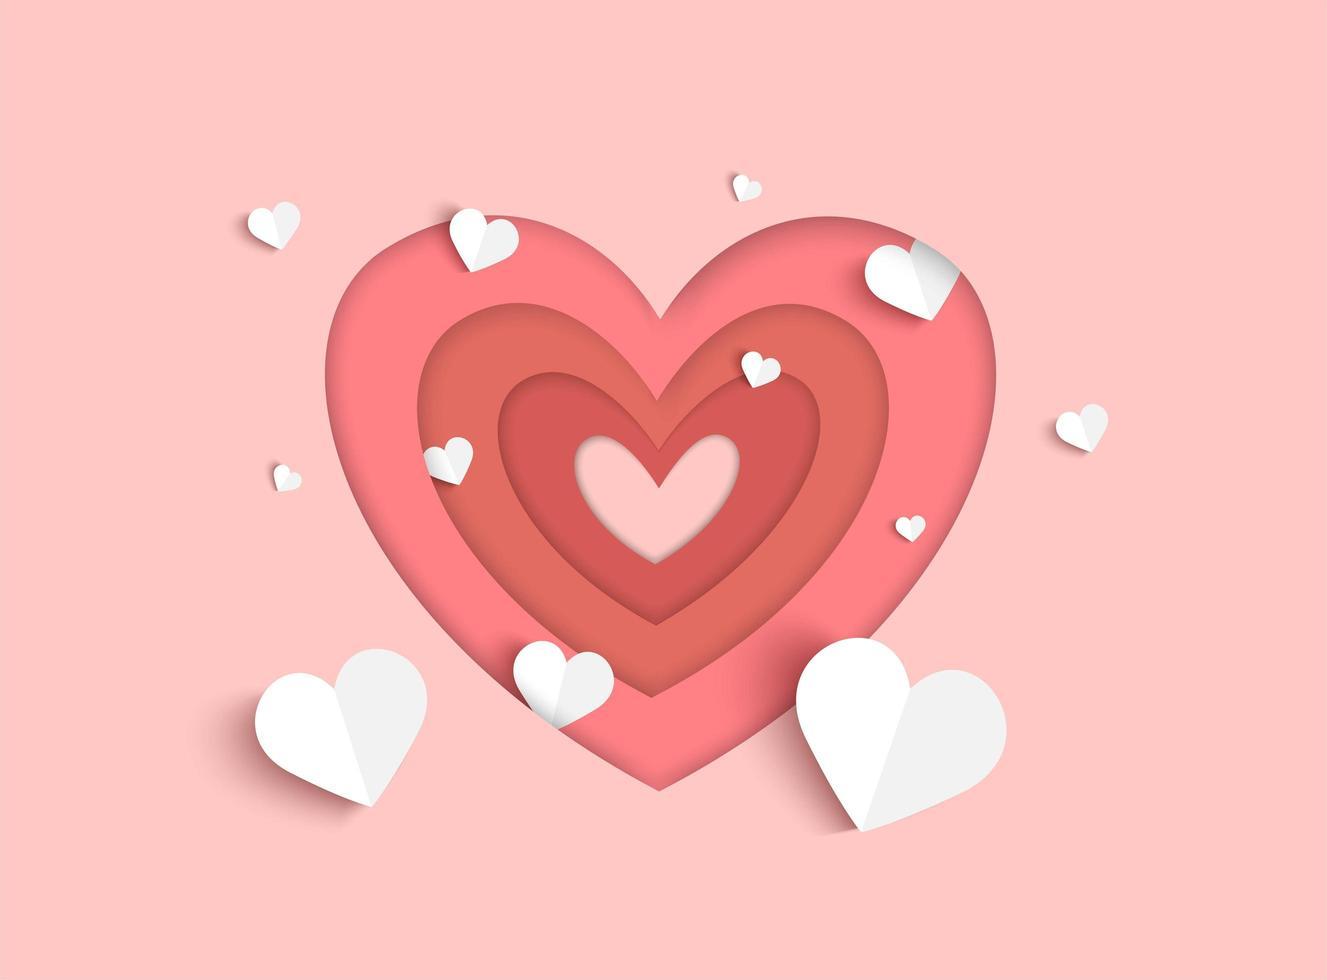 Fundo de dia dos namorados rosa com papel branco cortado corações de estilo e forma de coração em camadas vetor